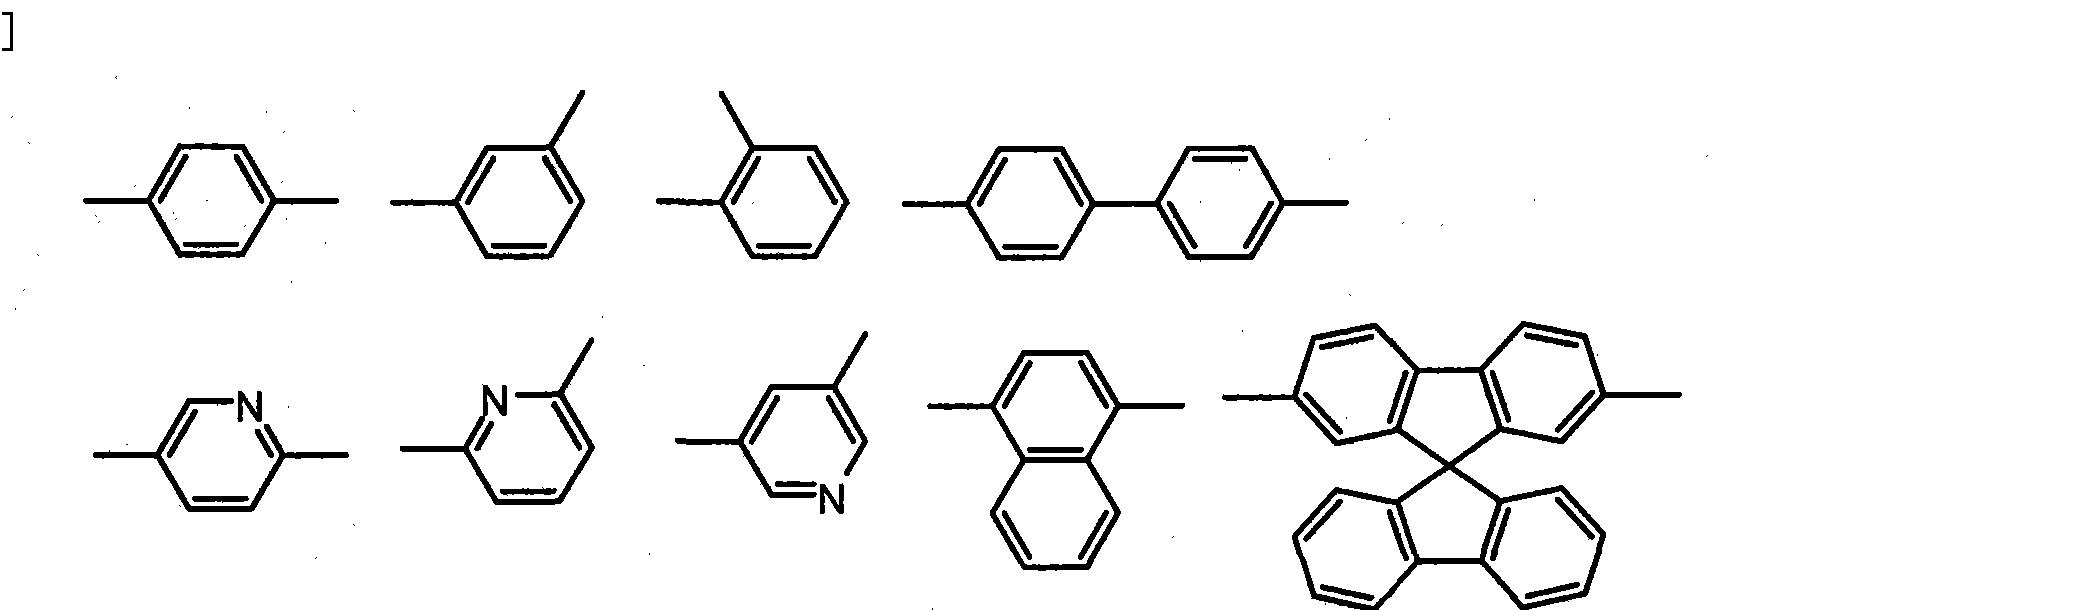 Figure CN101874316BD00601